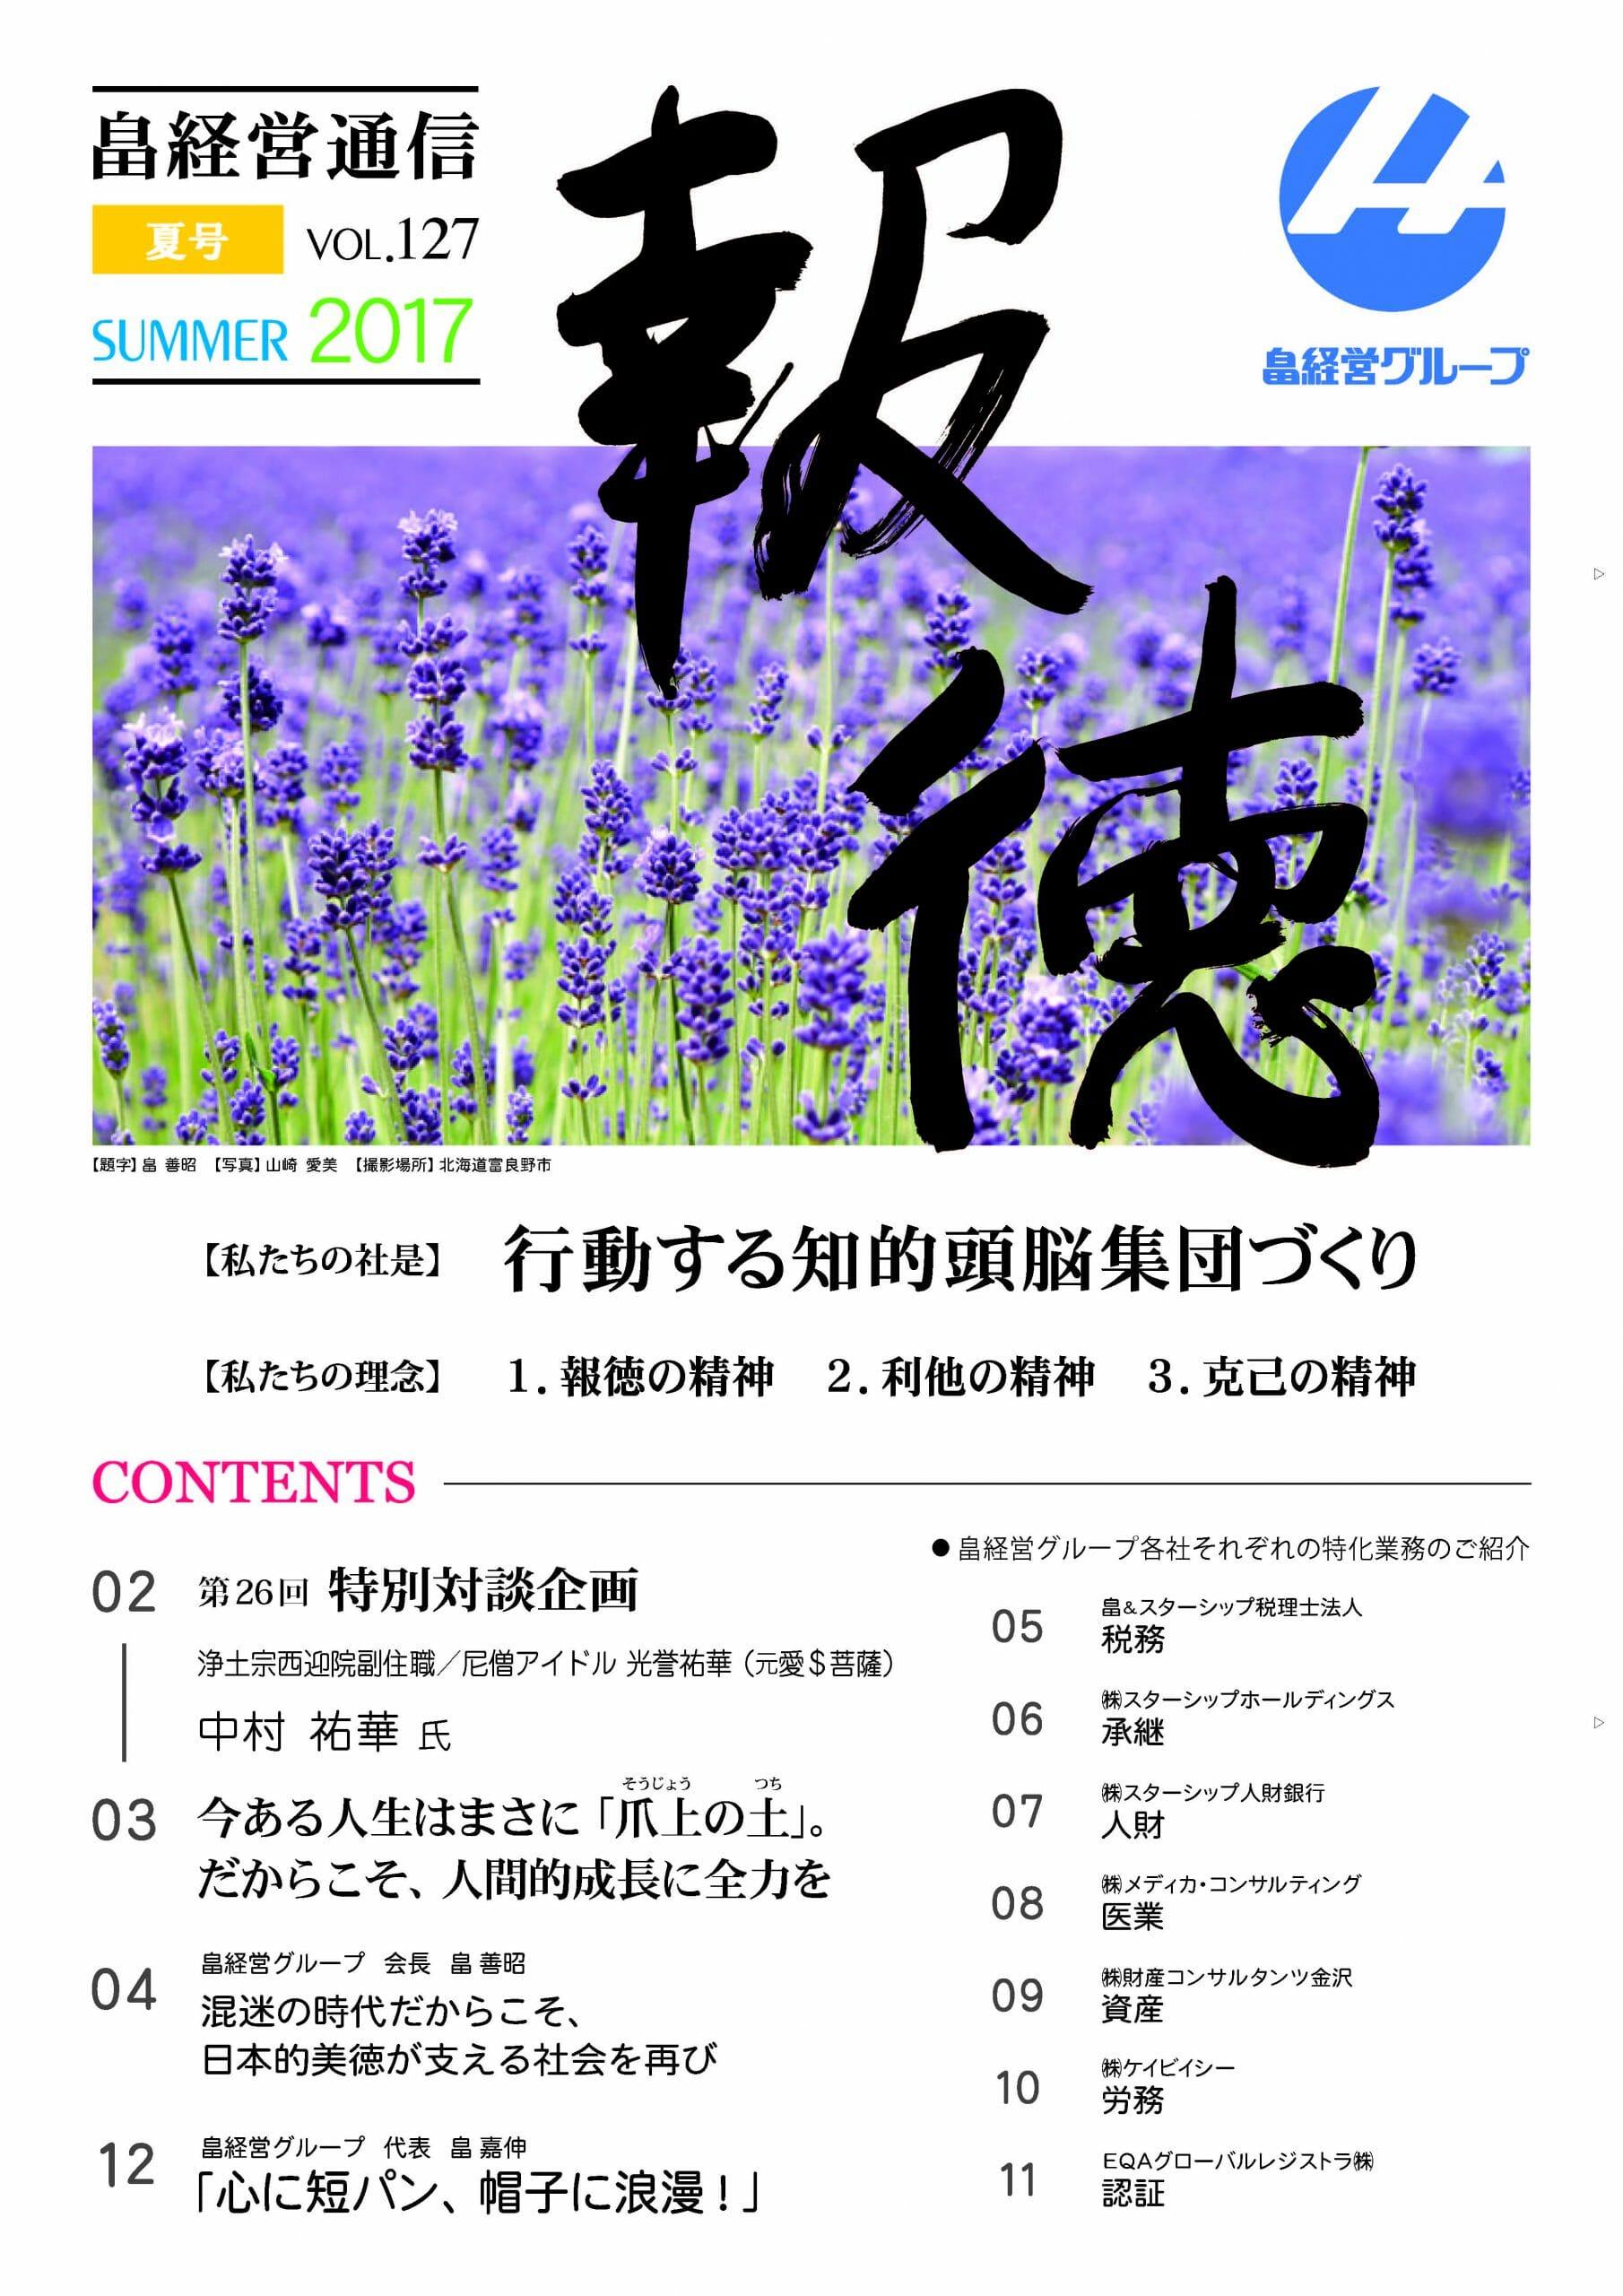 2017年8月8日 報徳夏号vol.127 発刊しました